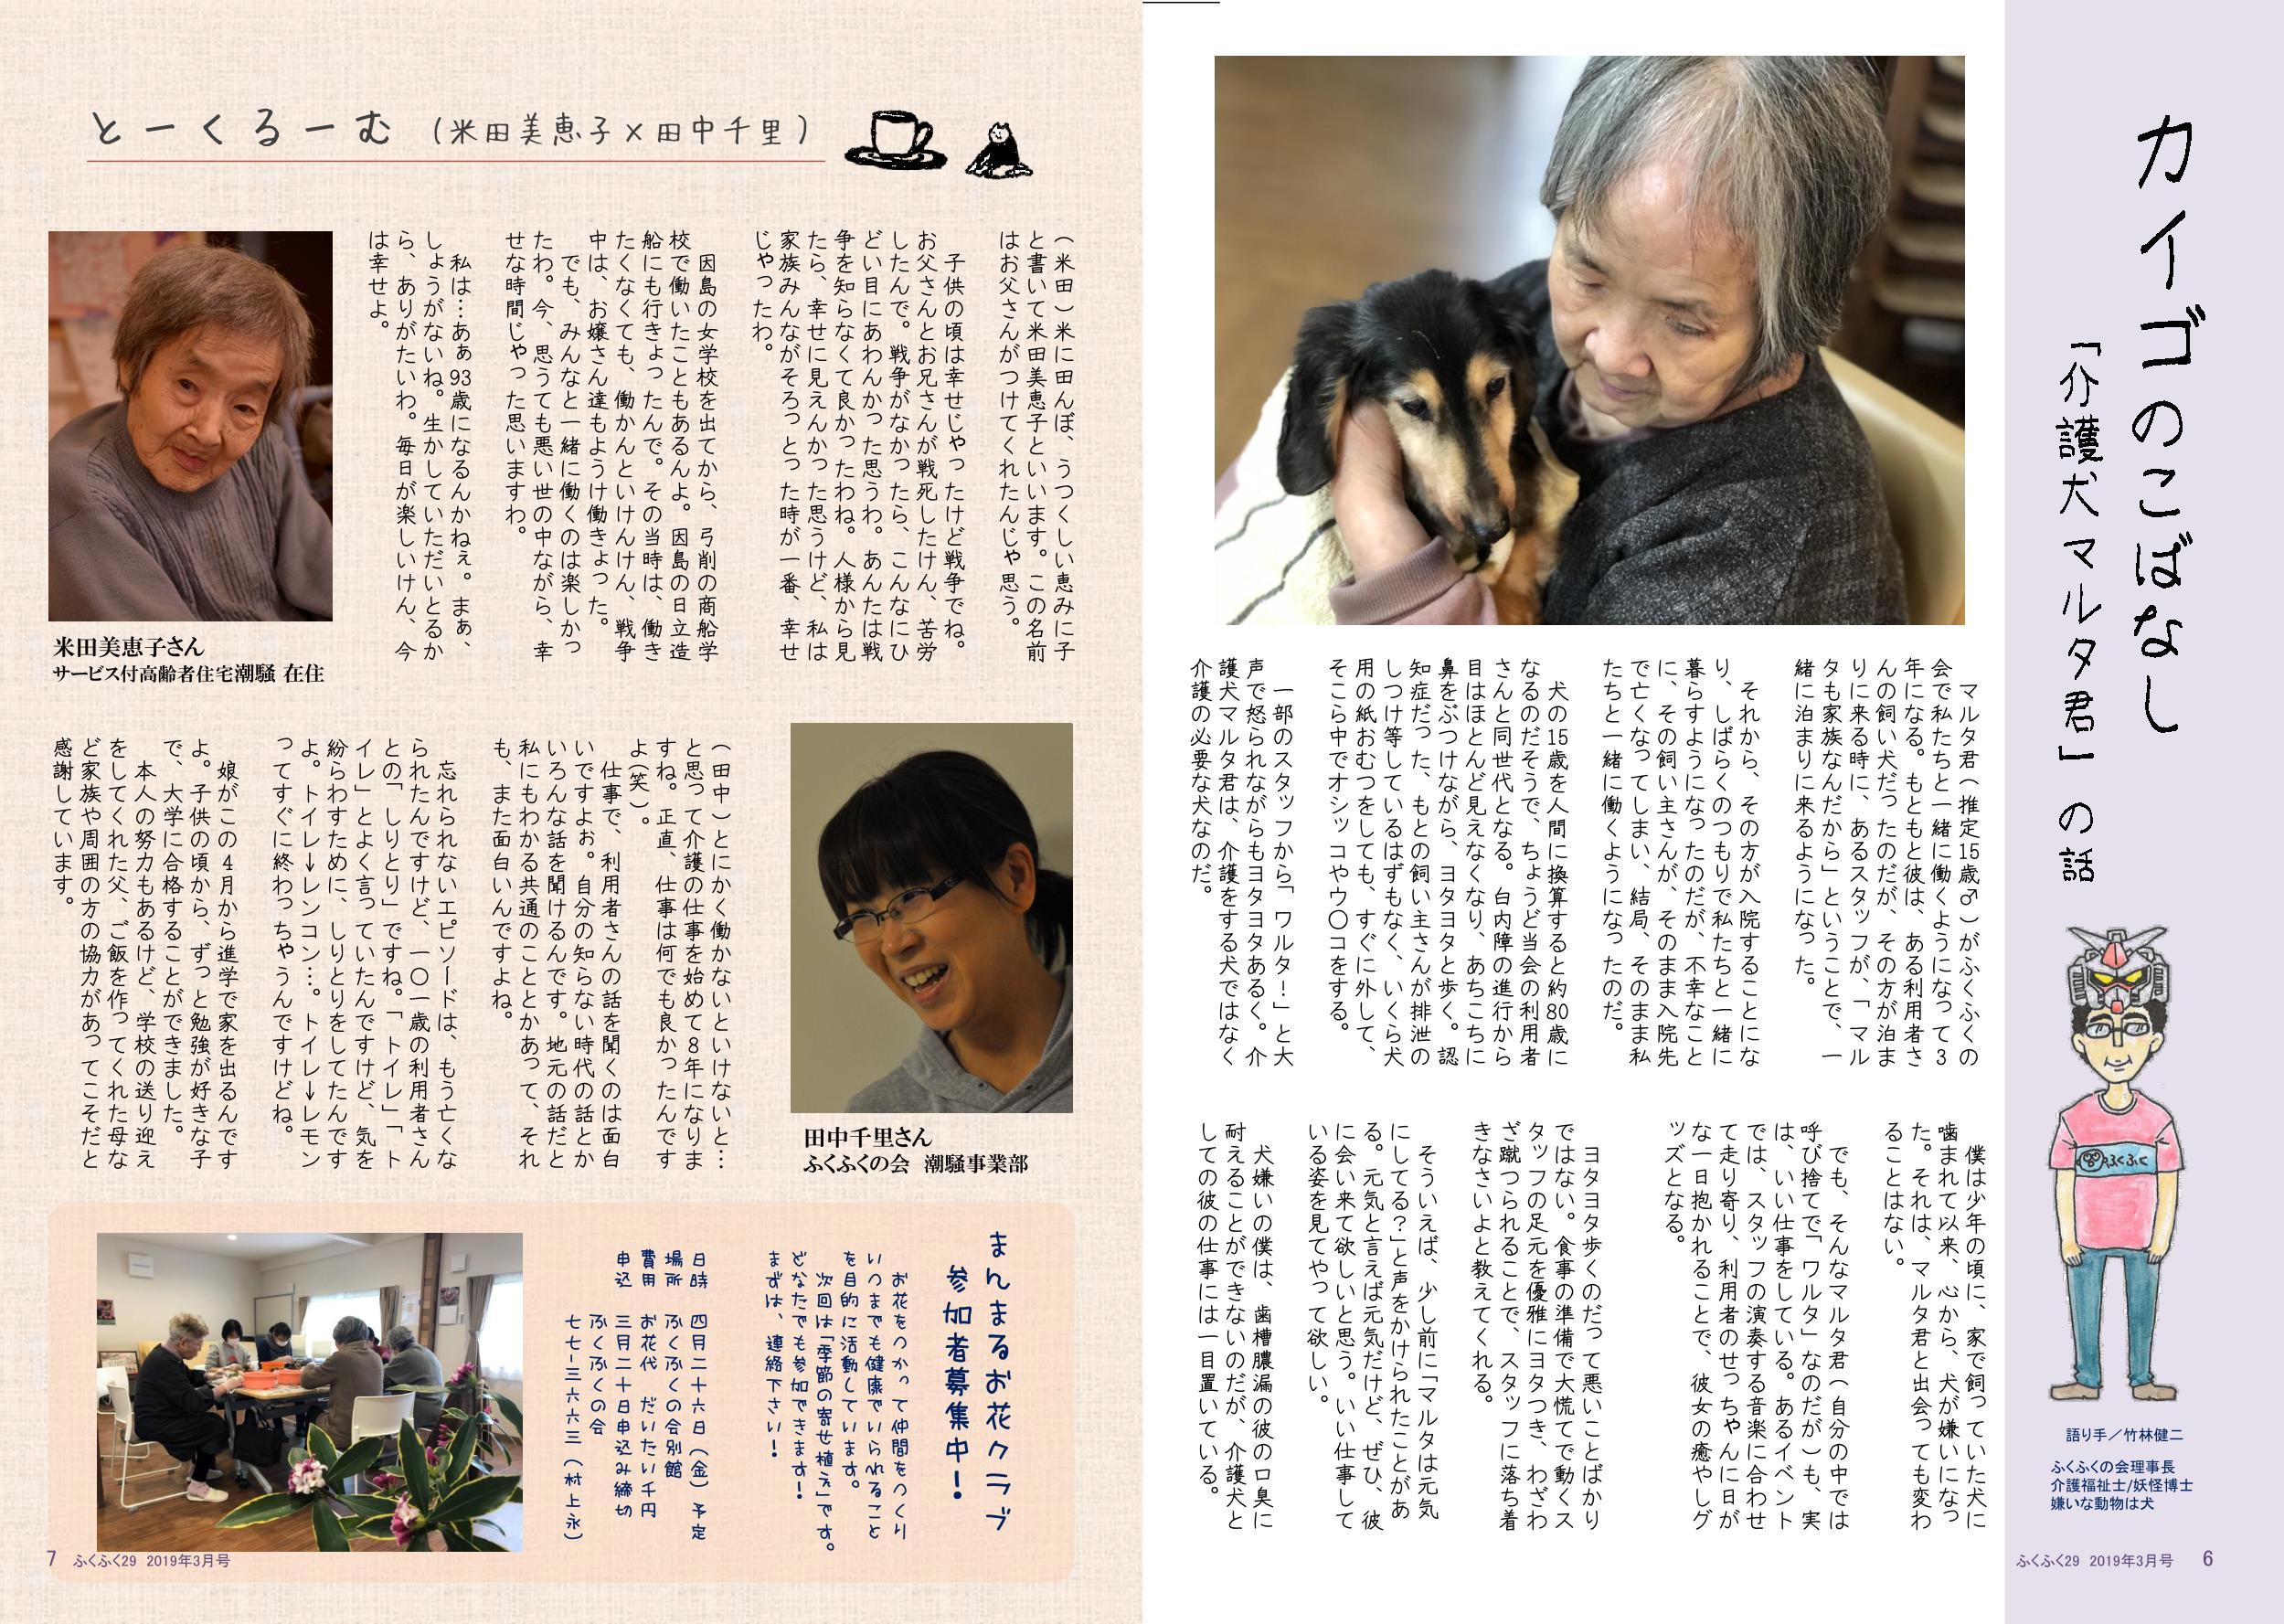 http://fukufukunokai.com/newsletter/images/%E3%81%B5%E3%81%8F%E3%81%B5%E3%81%8F29%E3%80%802019%E3%80%803%E6%9C%88%E5%8F%B7%28PDF%29_cropped_4.jpeg